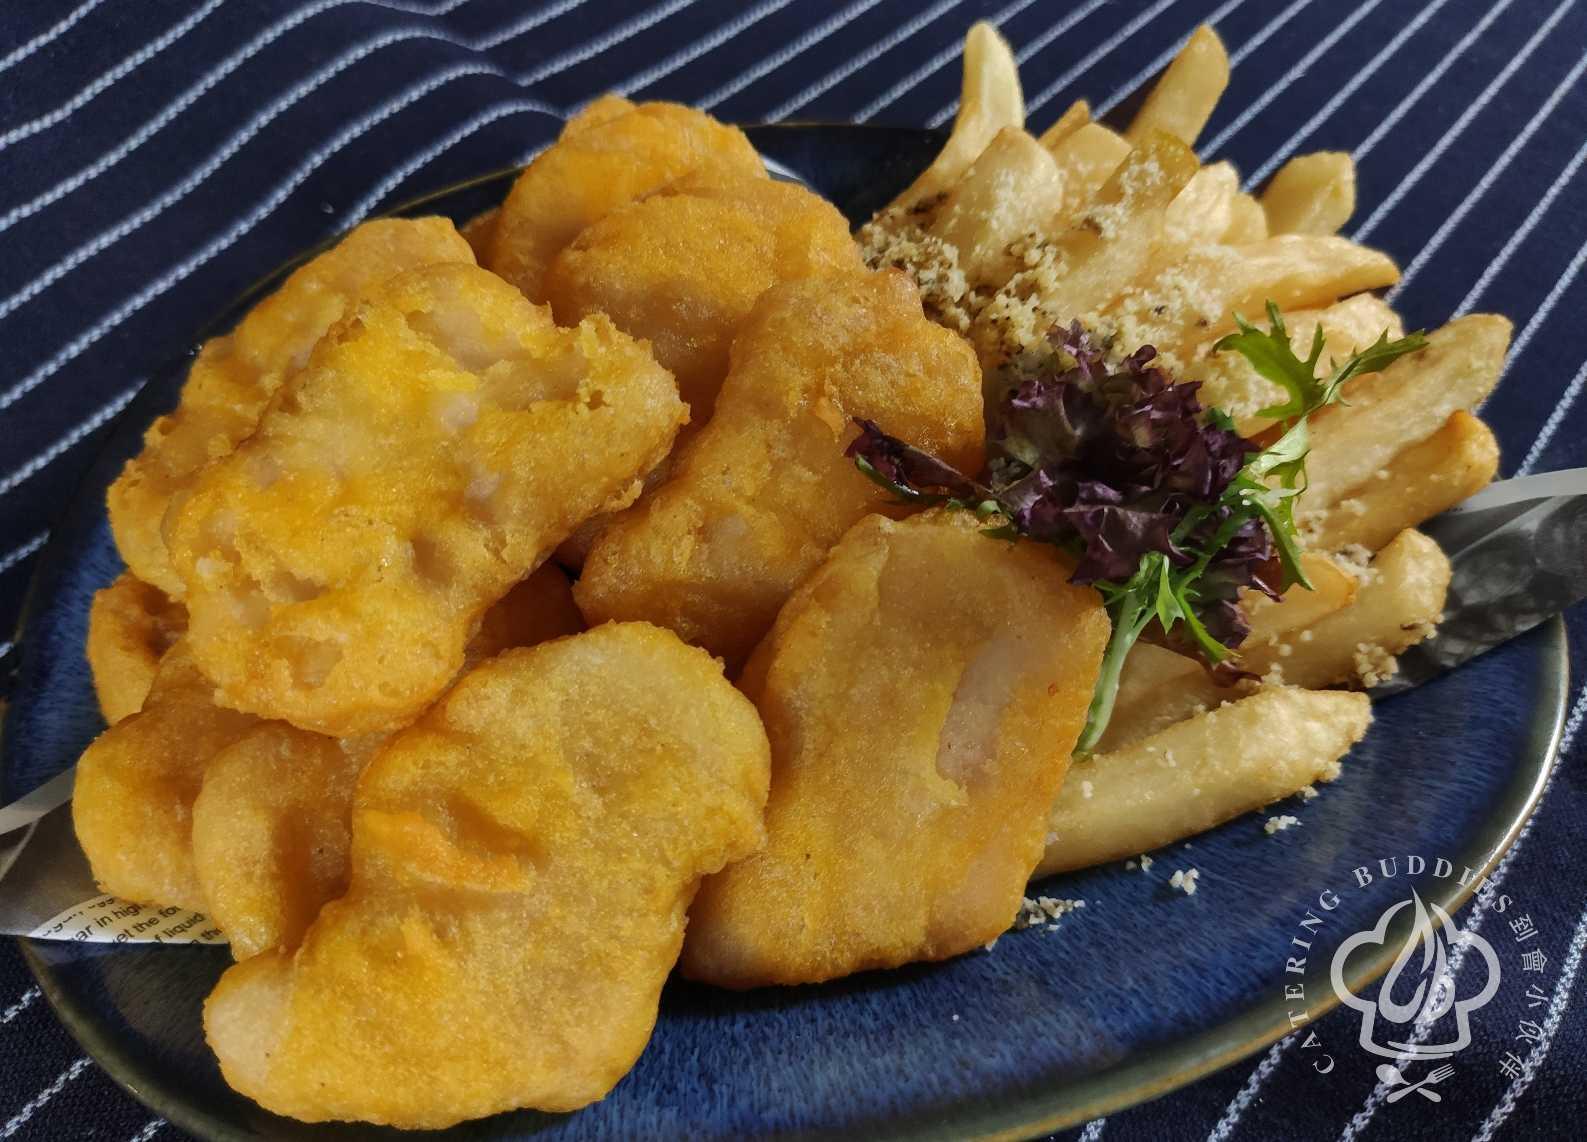 黑松露芝士薯條拼脆炸麥樂雞 (1份)